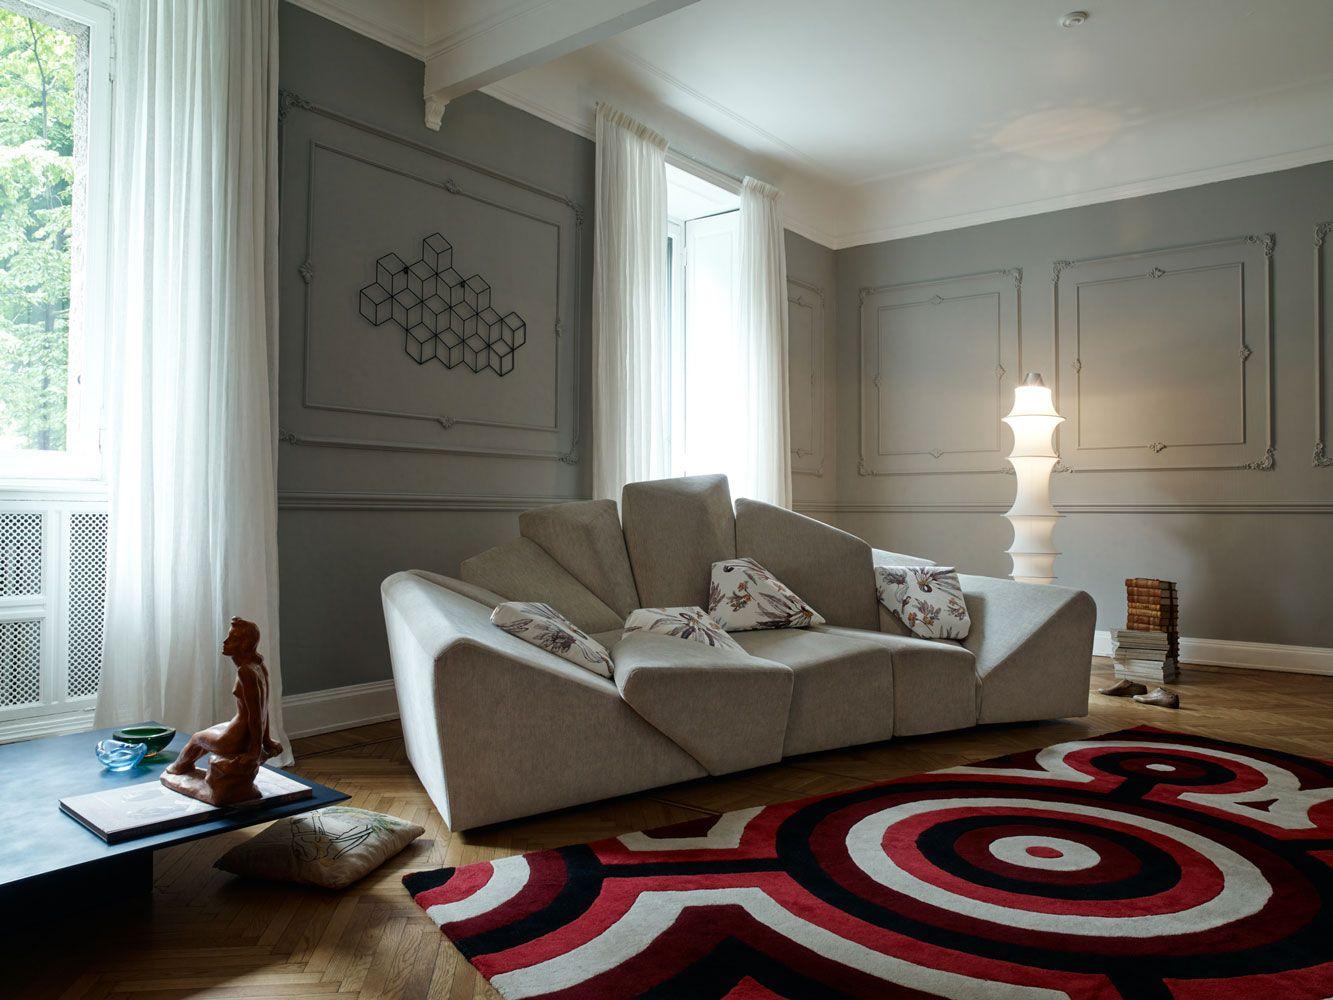 Divani Con Struttura In Legno.Scegli Un Divano Di Design Per Il Tuo Salotto In Stile Moderno